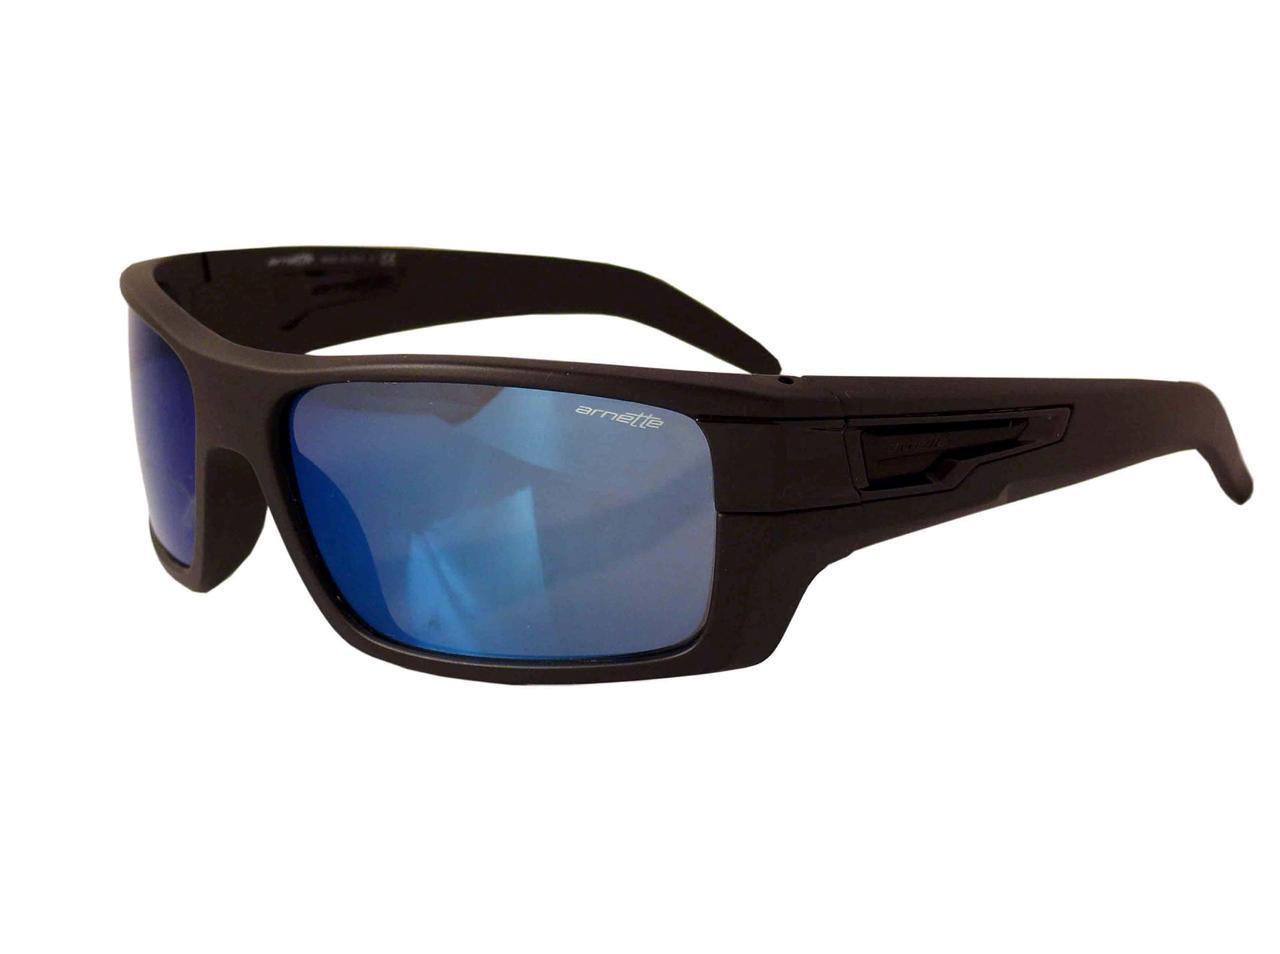 Mens Blue Frame Glasses : Arnette After Party Mens Sunglasses Matte Black Frame Blue ...